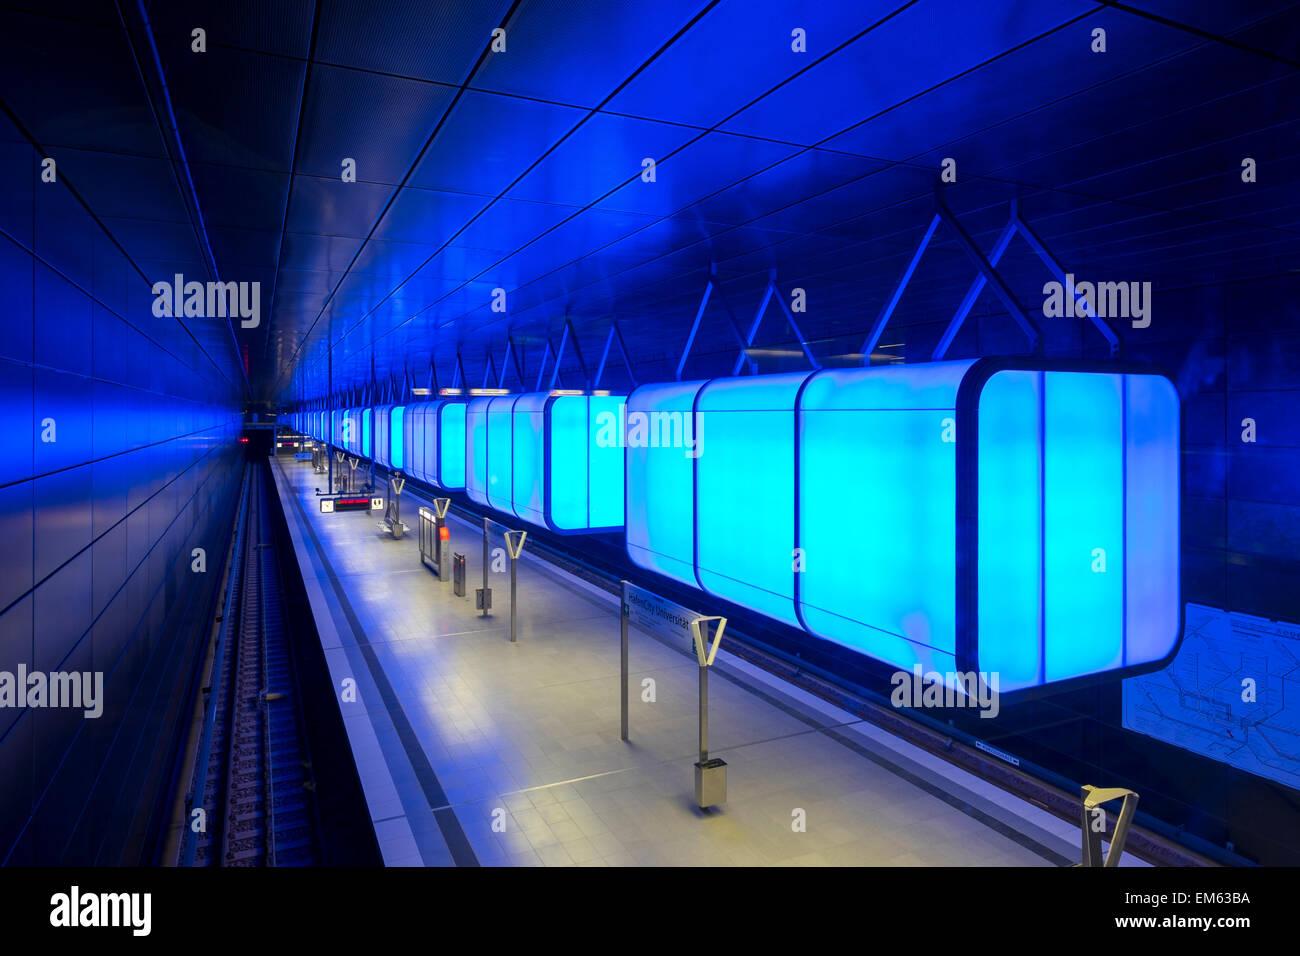 HafenCity Universität station on U4 U-Bahn line - Stock Image